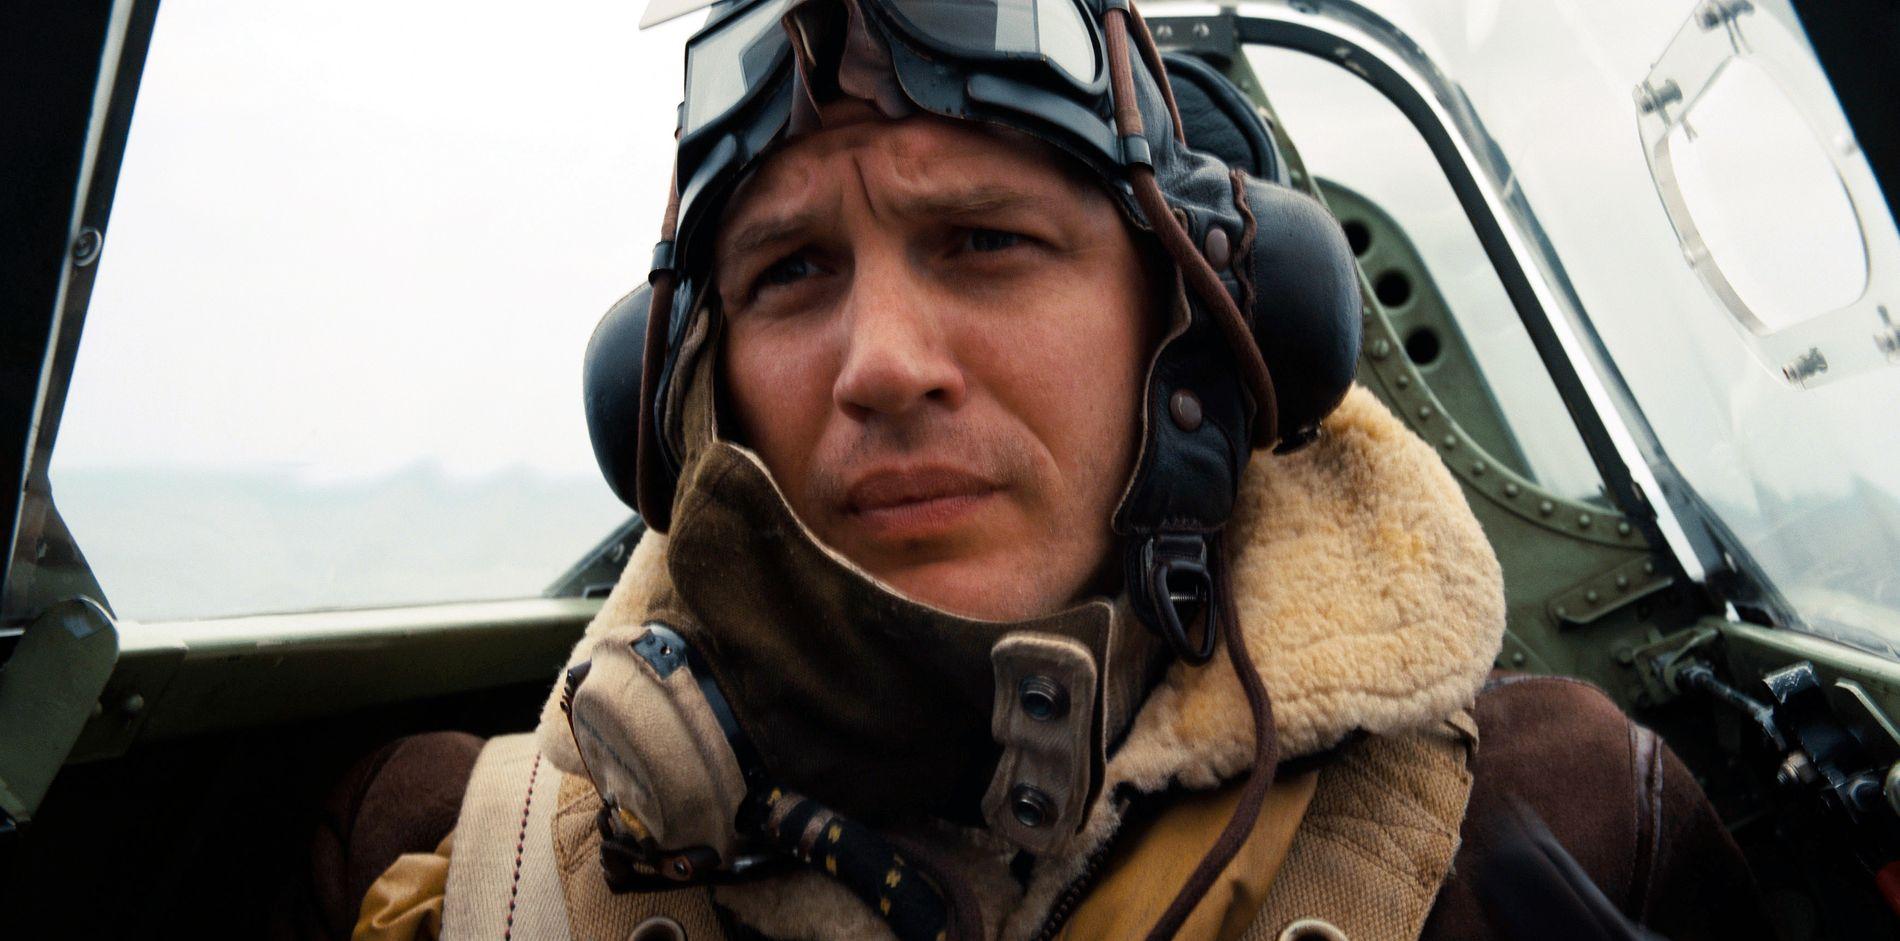 """INTENST: Tom Hardy i en scene fra """"Dunkirk"""". VGs anmelder kaller filmen et instenst styke krigsfilm. Foto: WARNER BROS VIA AP"""